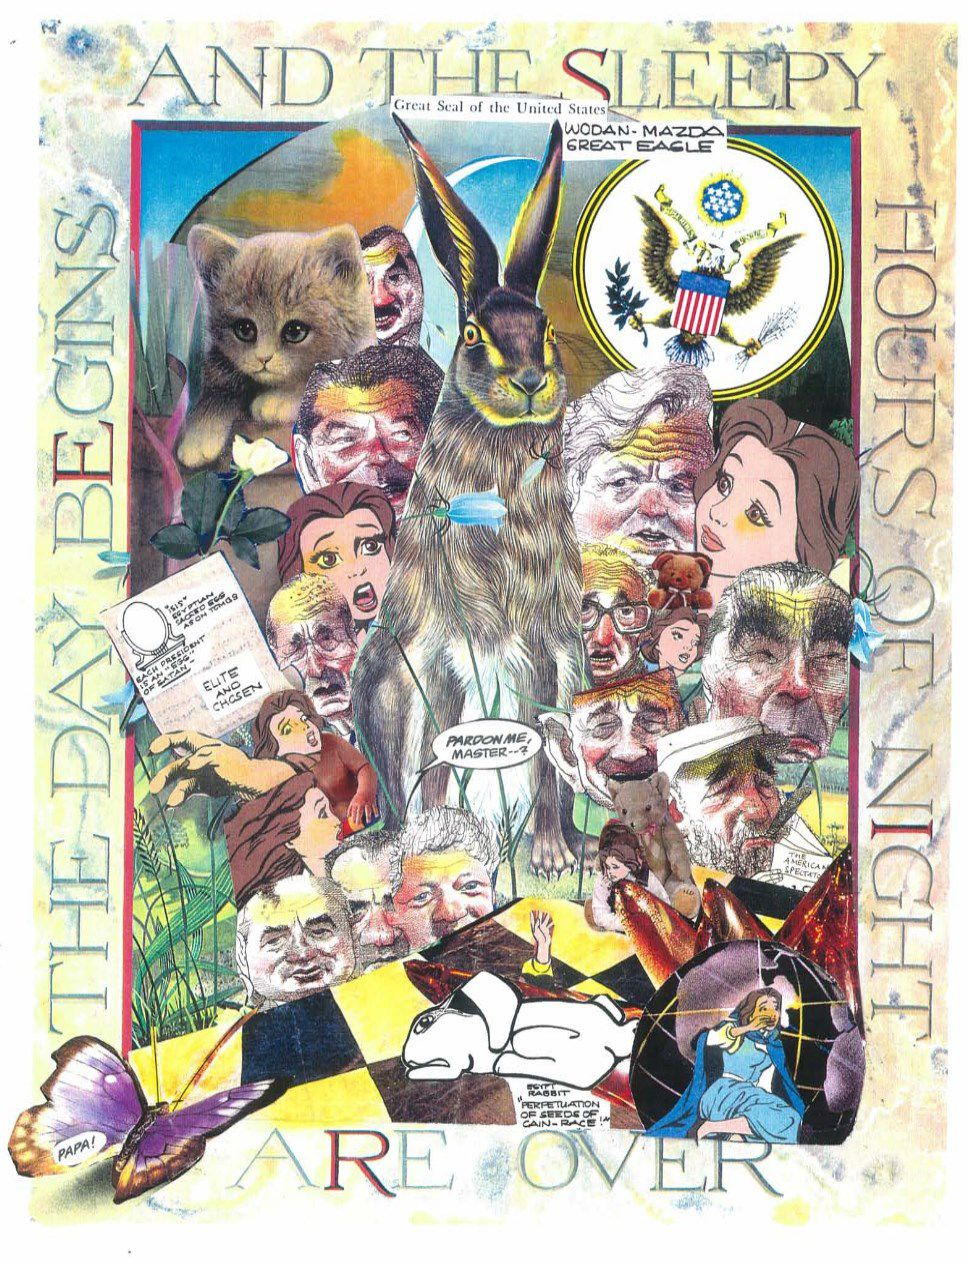 Open Season for White Rabbits… #QAnon #GreatAwakening #MKUltra #Pizzagate #Pedogate #NOMORE #NeonRevolt